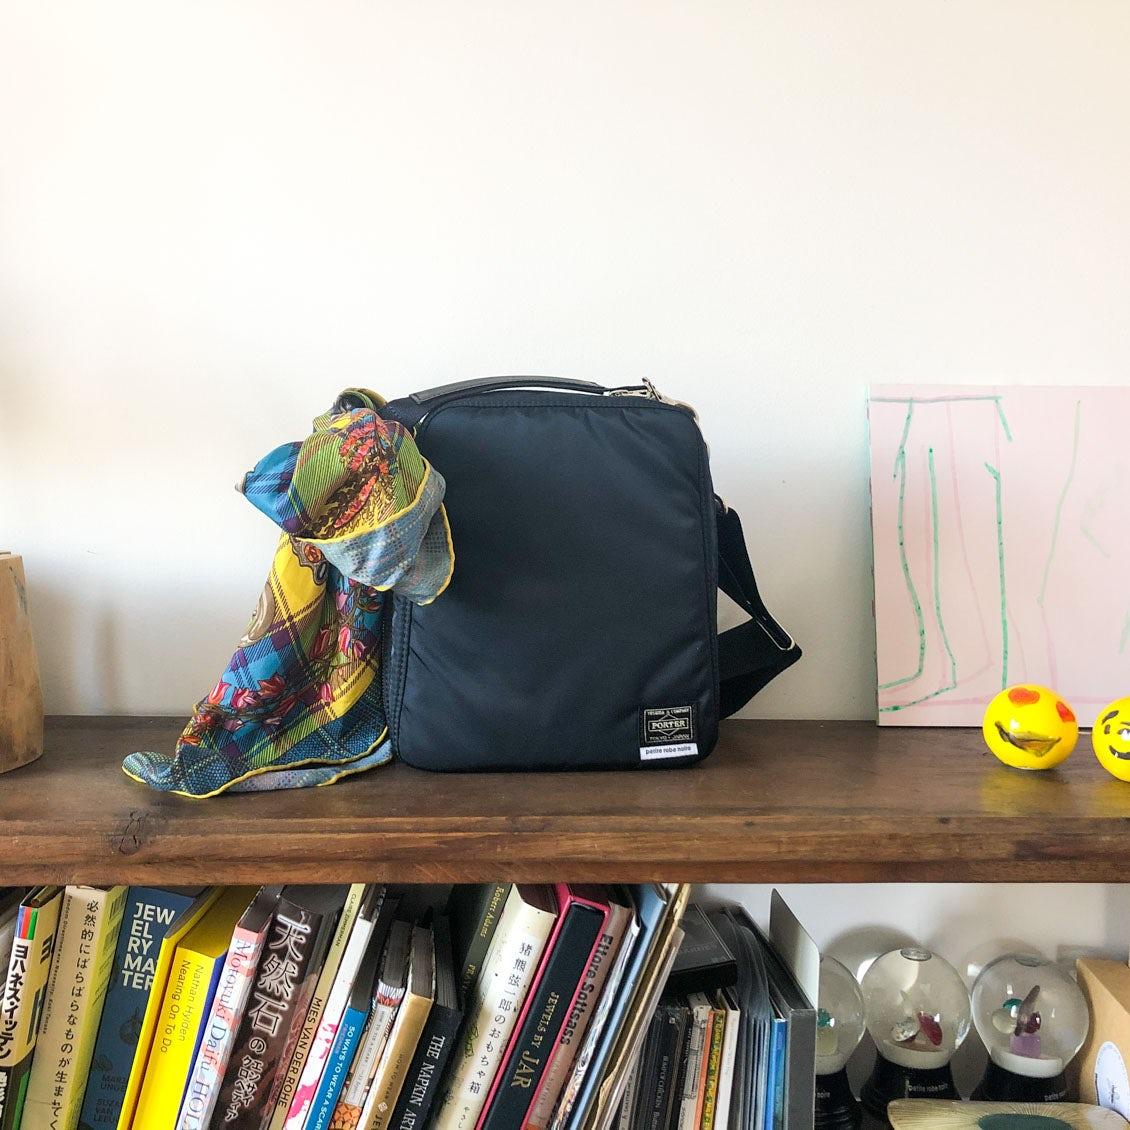 【あの人のバッグ】サイズは小さめ、荷物も少なめ。でも「かわいい」が詰まってる(「petite robe noire」デザイナー・阿部好世さん)